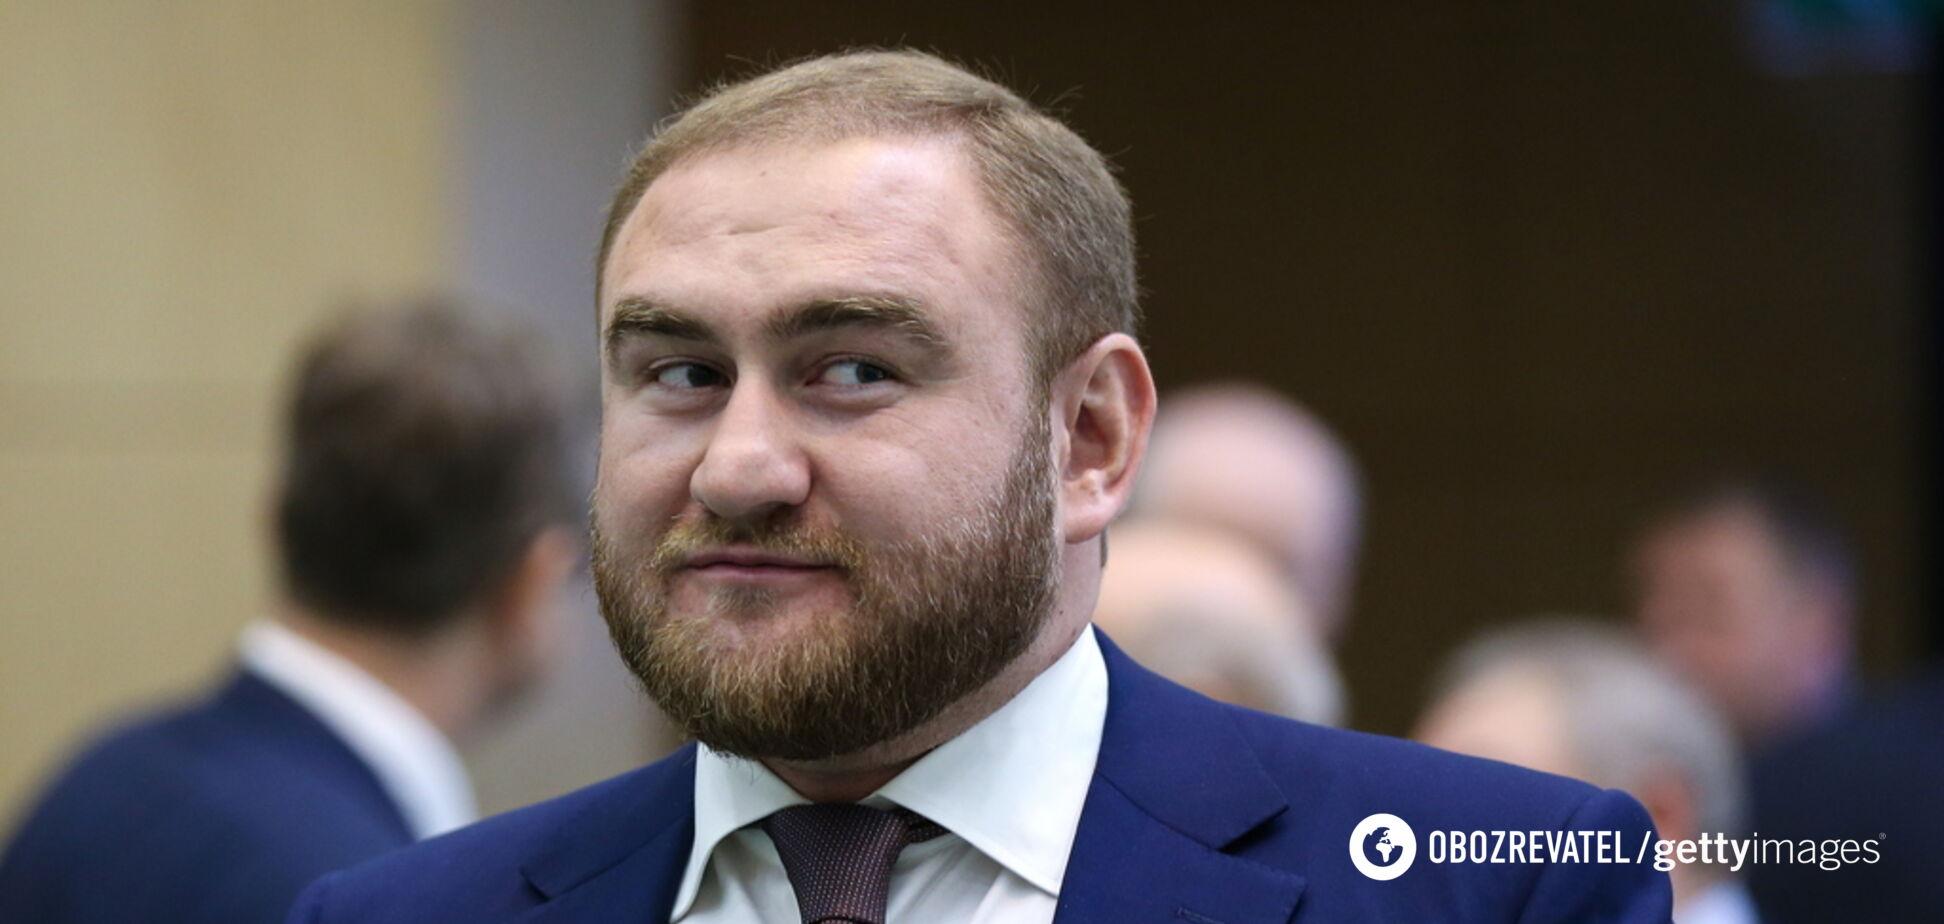 У Росії скандального політика затримали за підозрою у вбивствах: що відомо